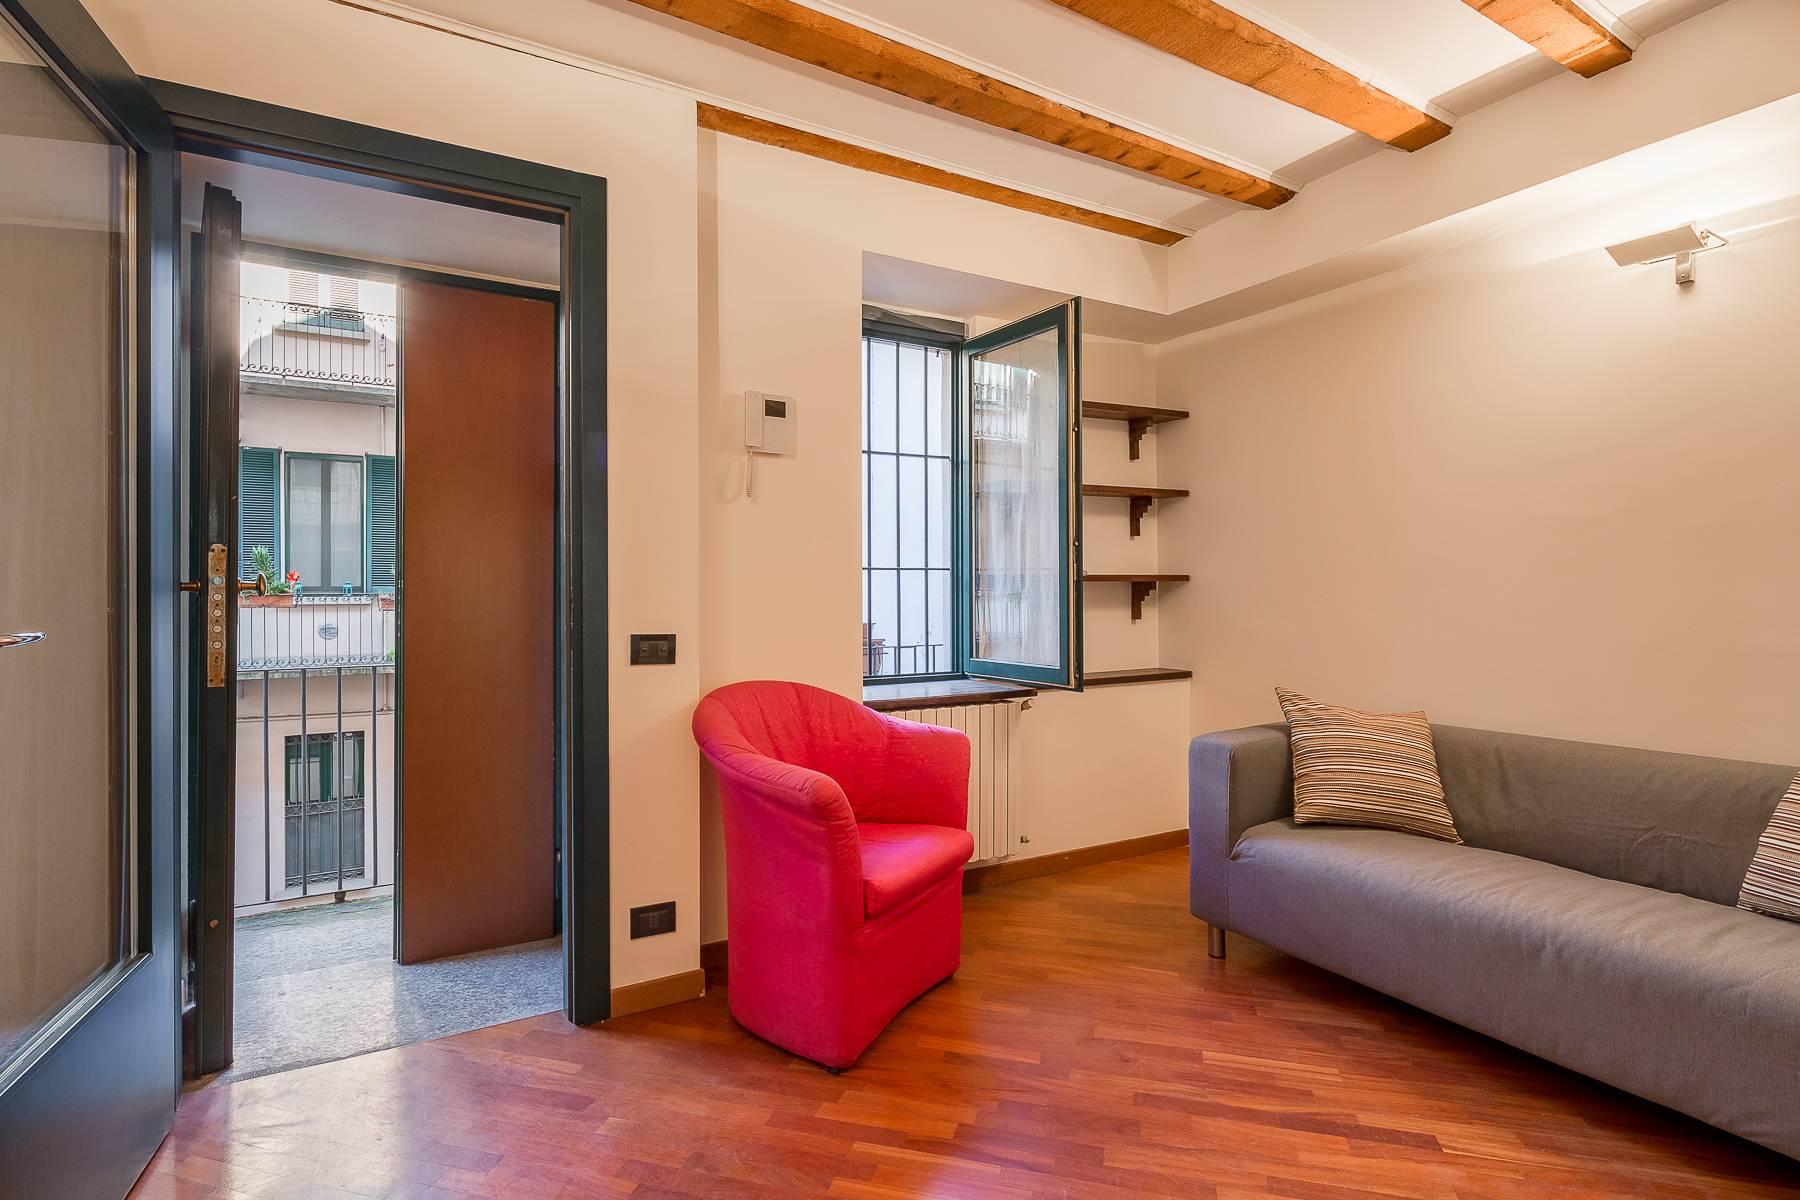 Appartamento in Affitto a Milano: 2 locali, 50 mq - Foto 5